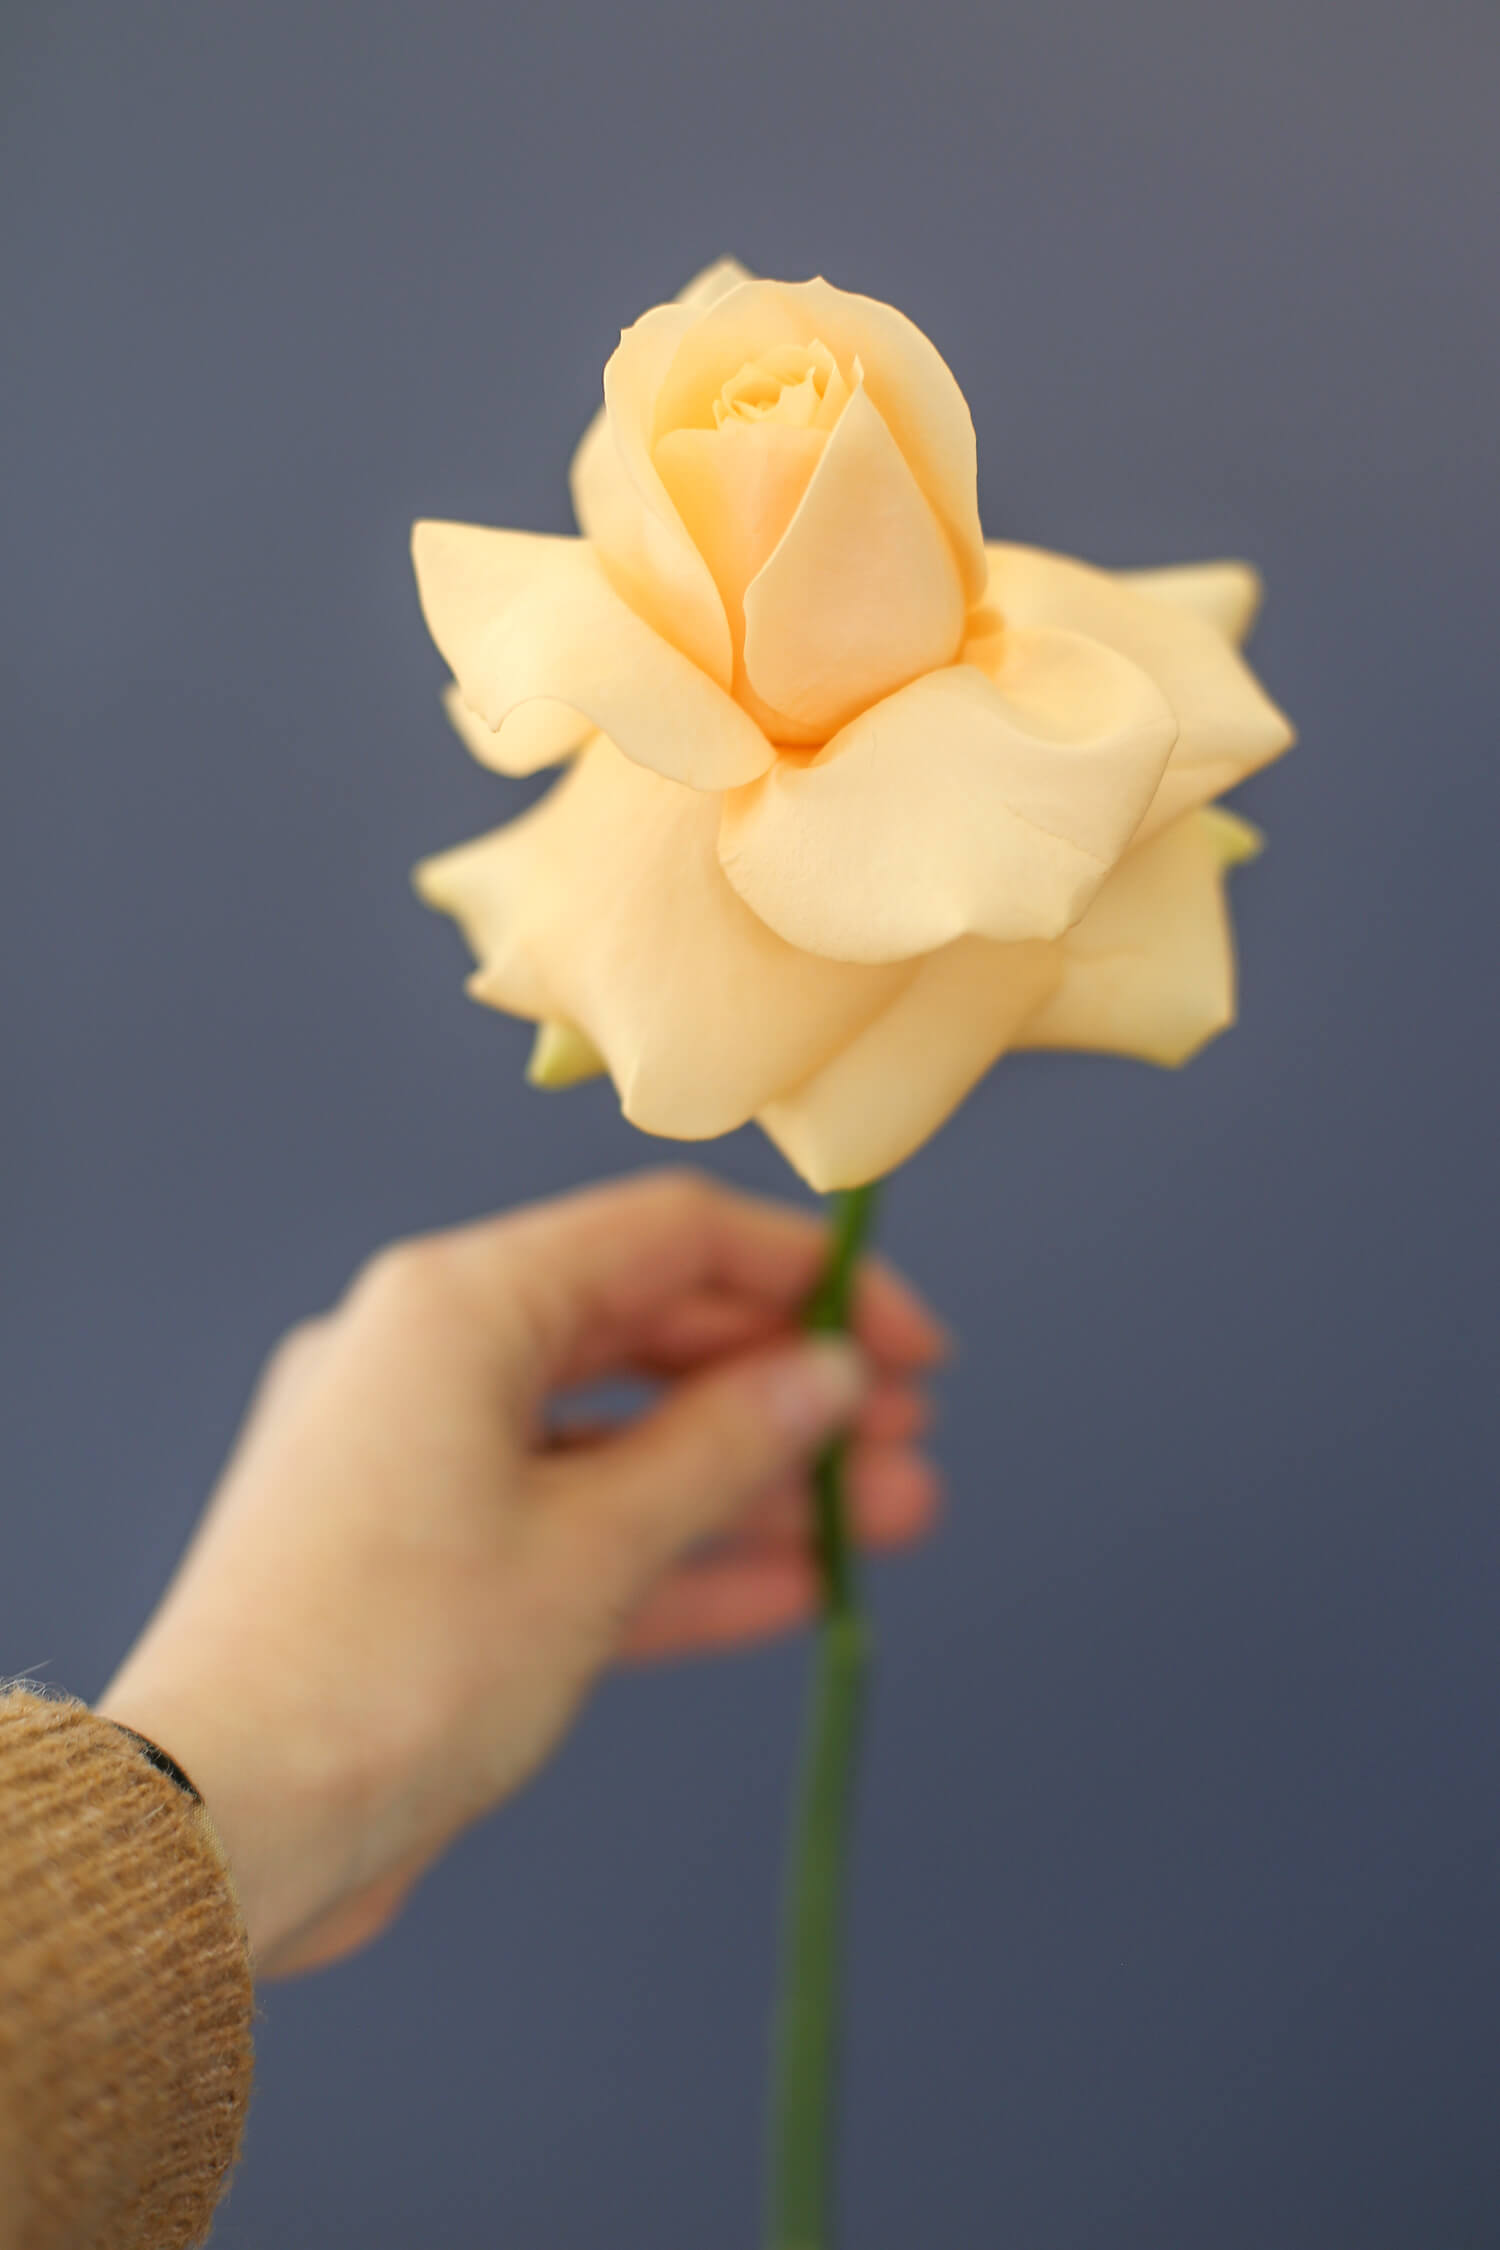 Kiva tapa käyttää ruusua on kääntää terälehset hellävaraisesti auki. Kukka saa tyystin toisen ilmeen.